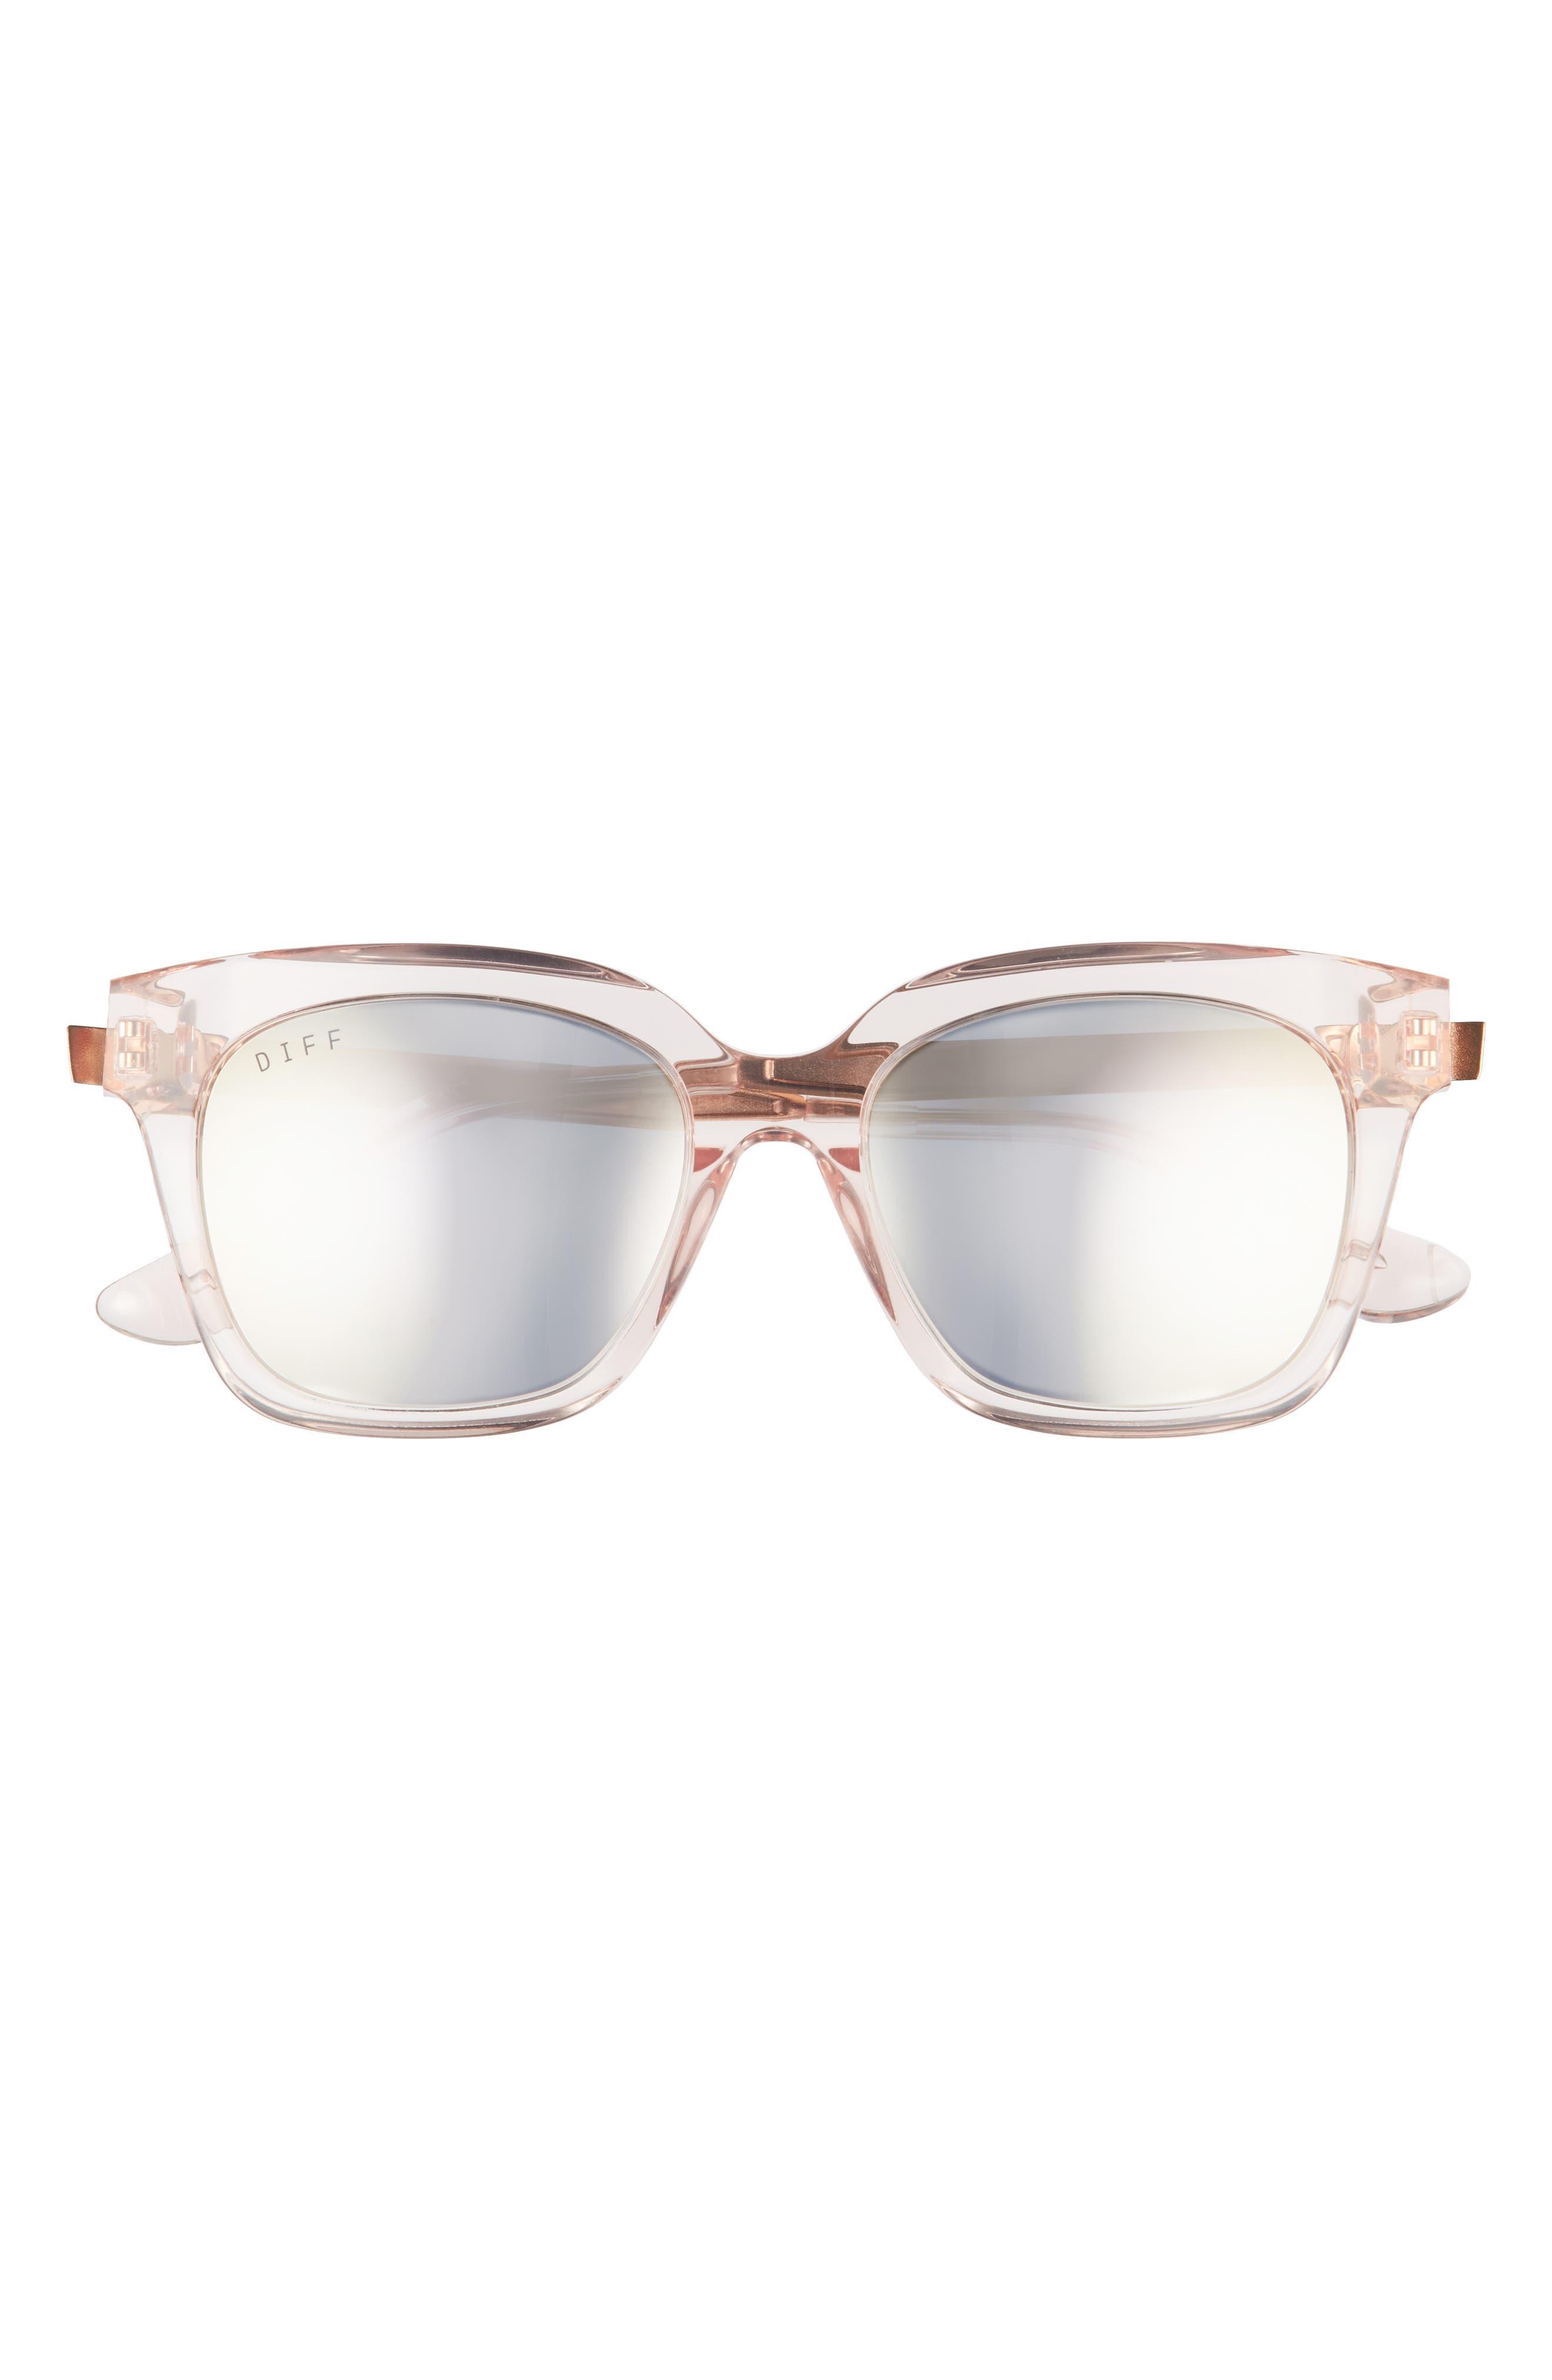 Bella 47mm Small Square Sunglasses